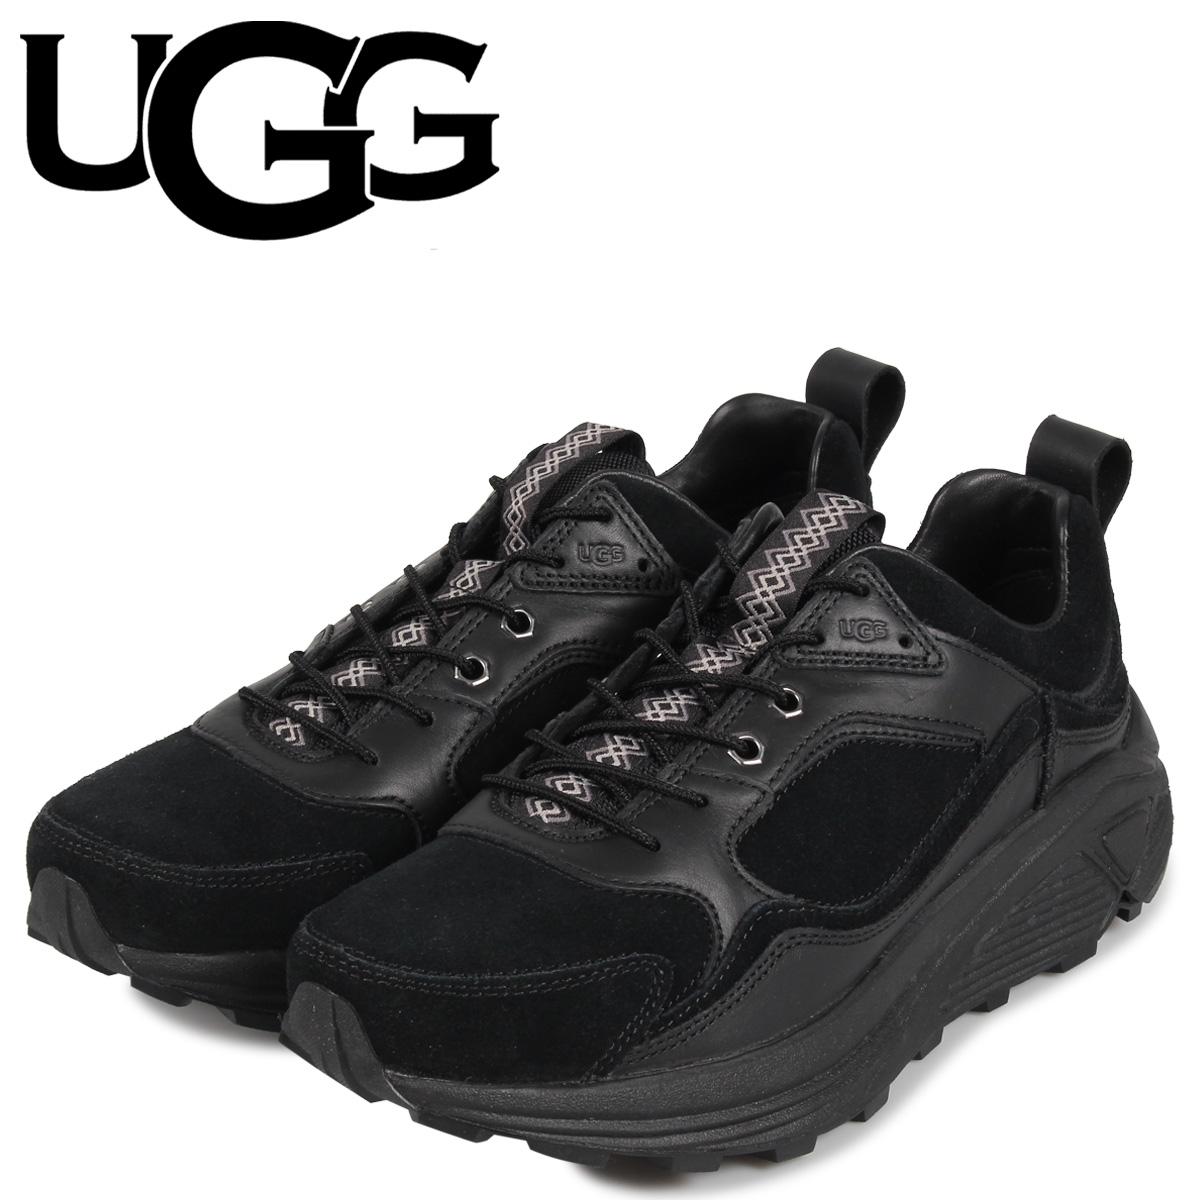 アグ UGG スニーカー トレーナー メンズ 厚底 MIWO LOW TRAINER ブラック 黒 1104970